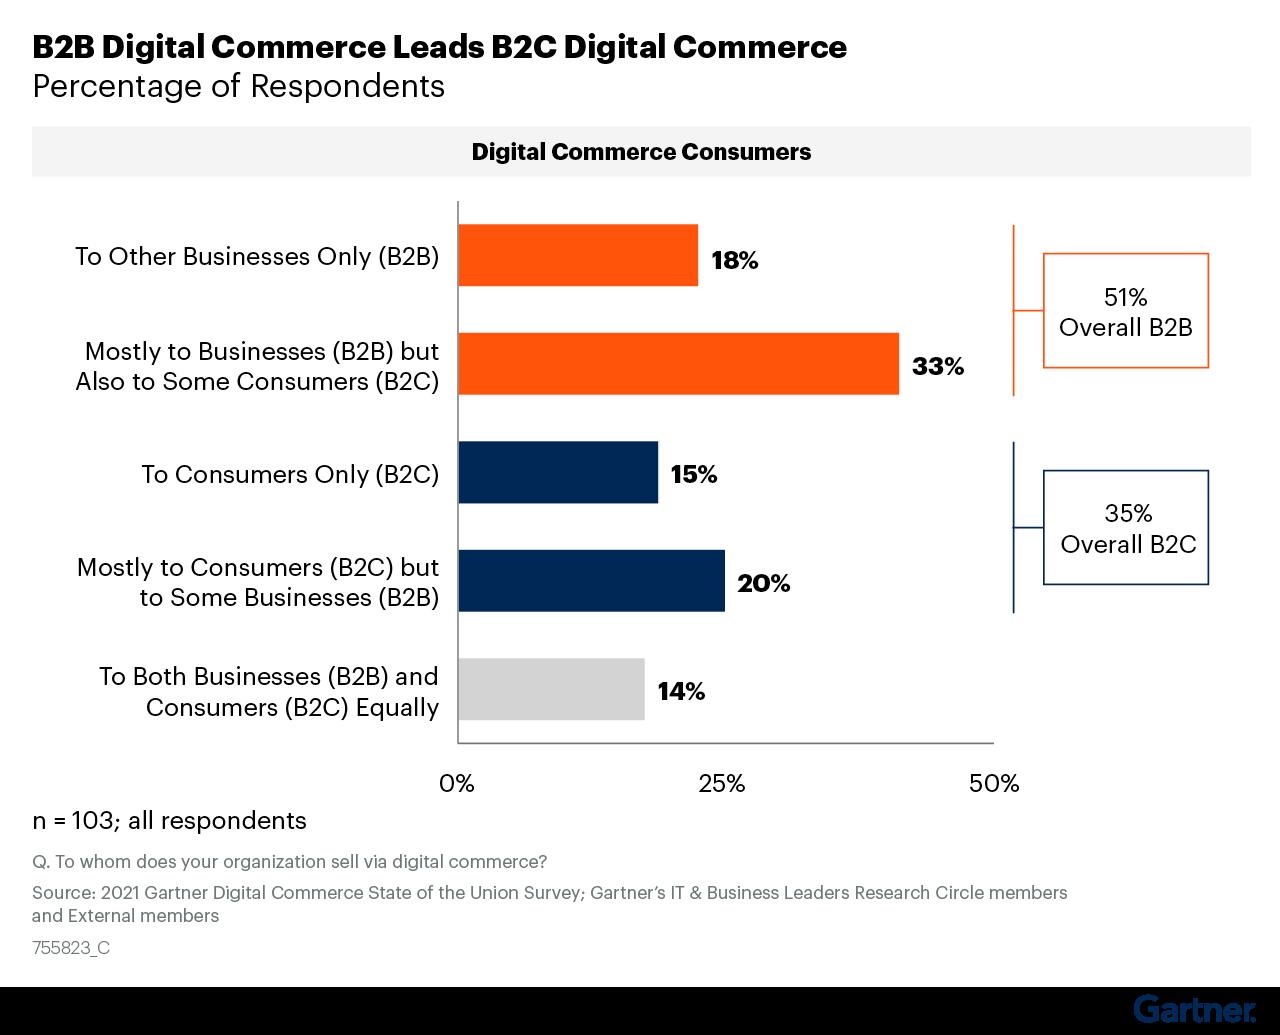 Digital commerce is more prevalent for B2B than B2C, Gartner's survey found.